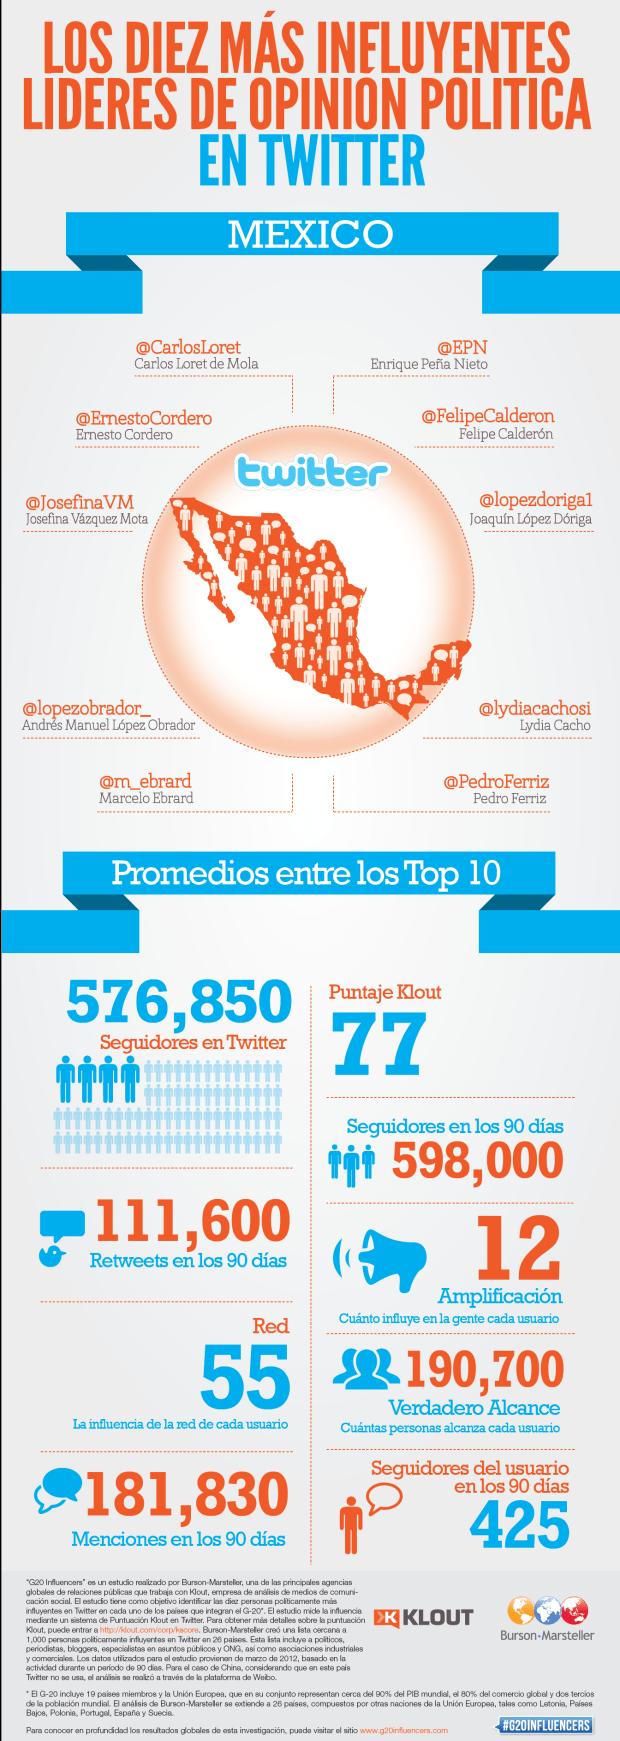 10 líderes mexicanos más influyentes en Twitter